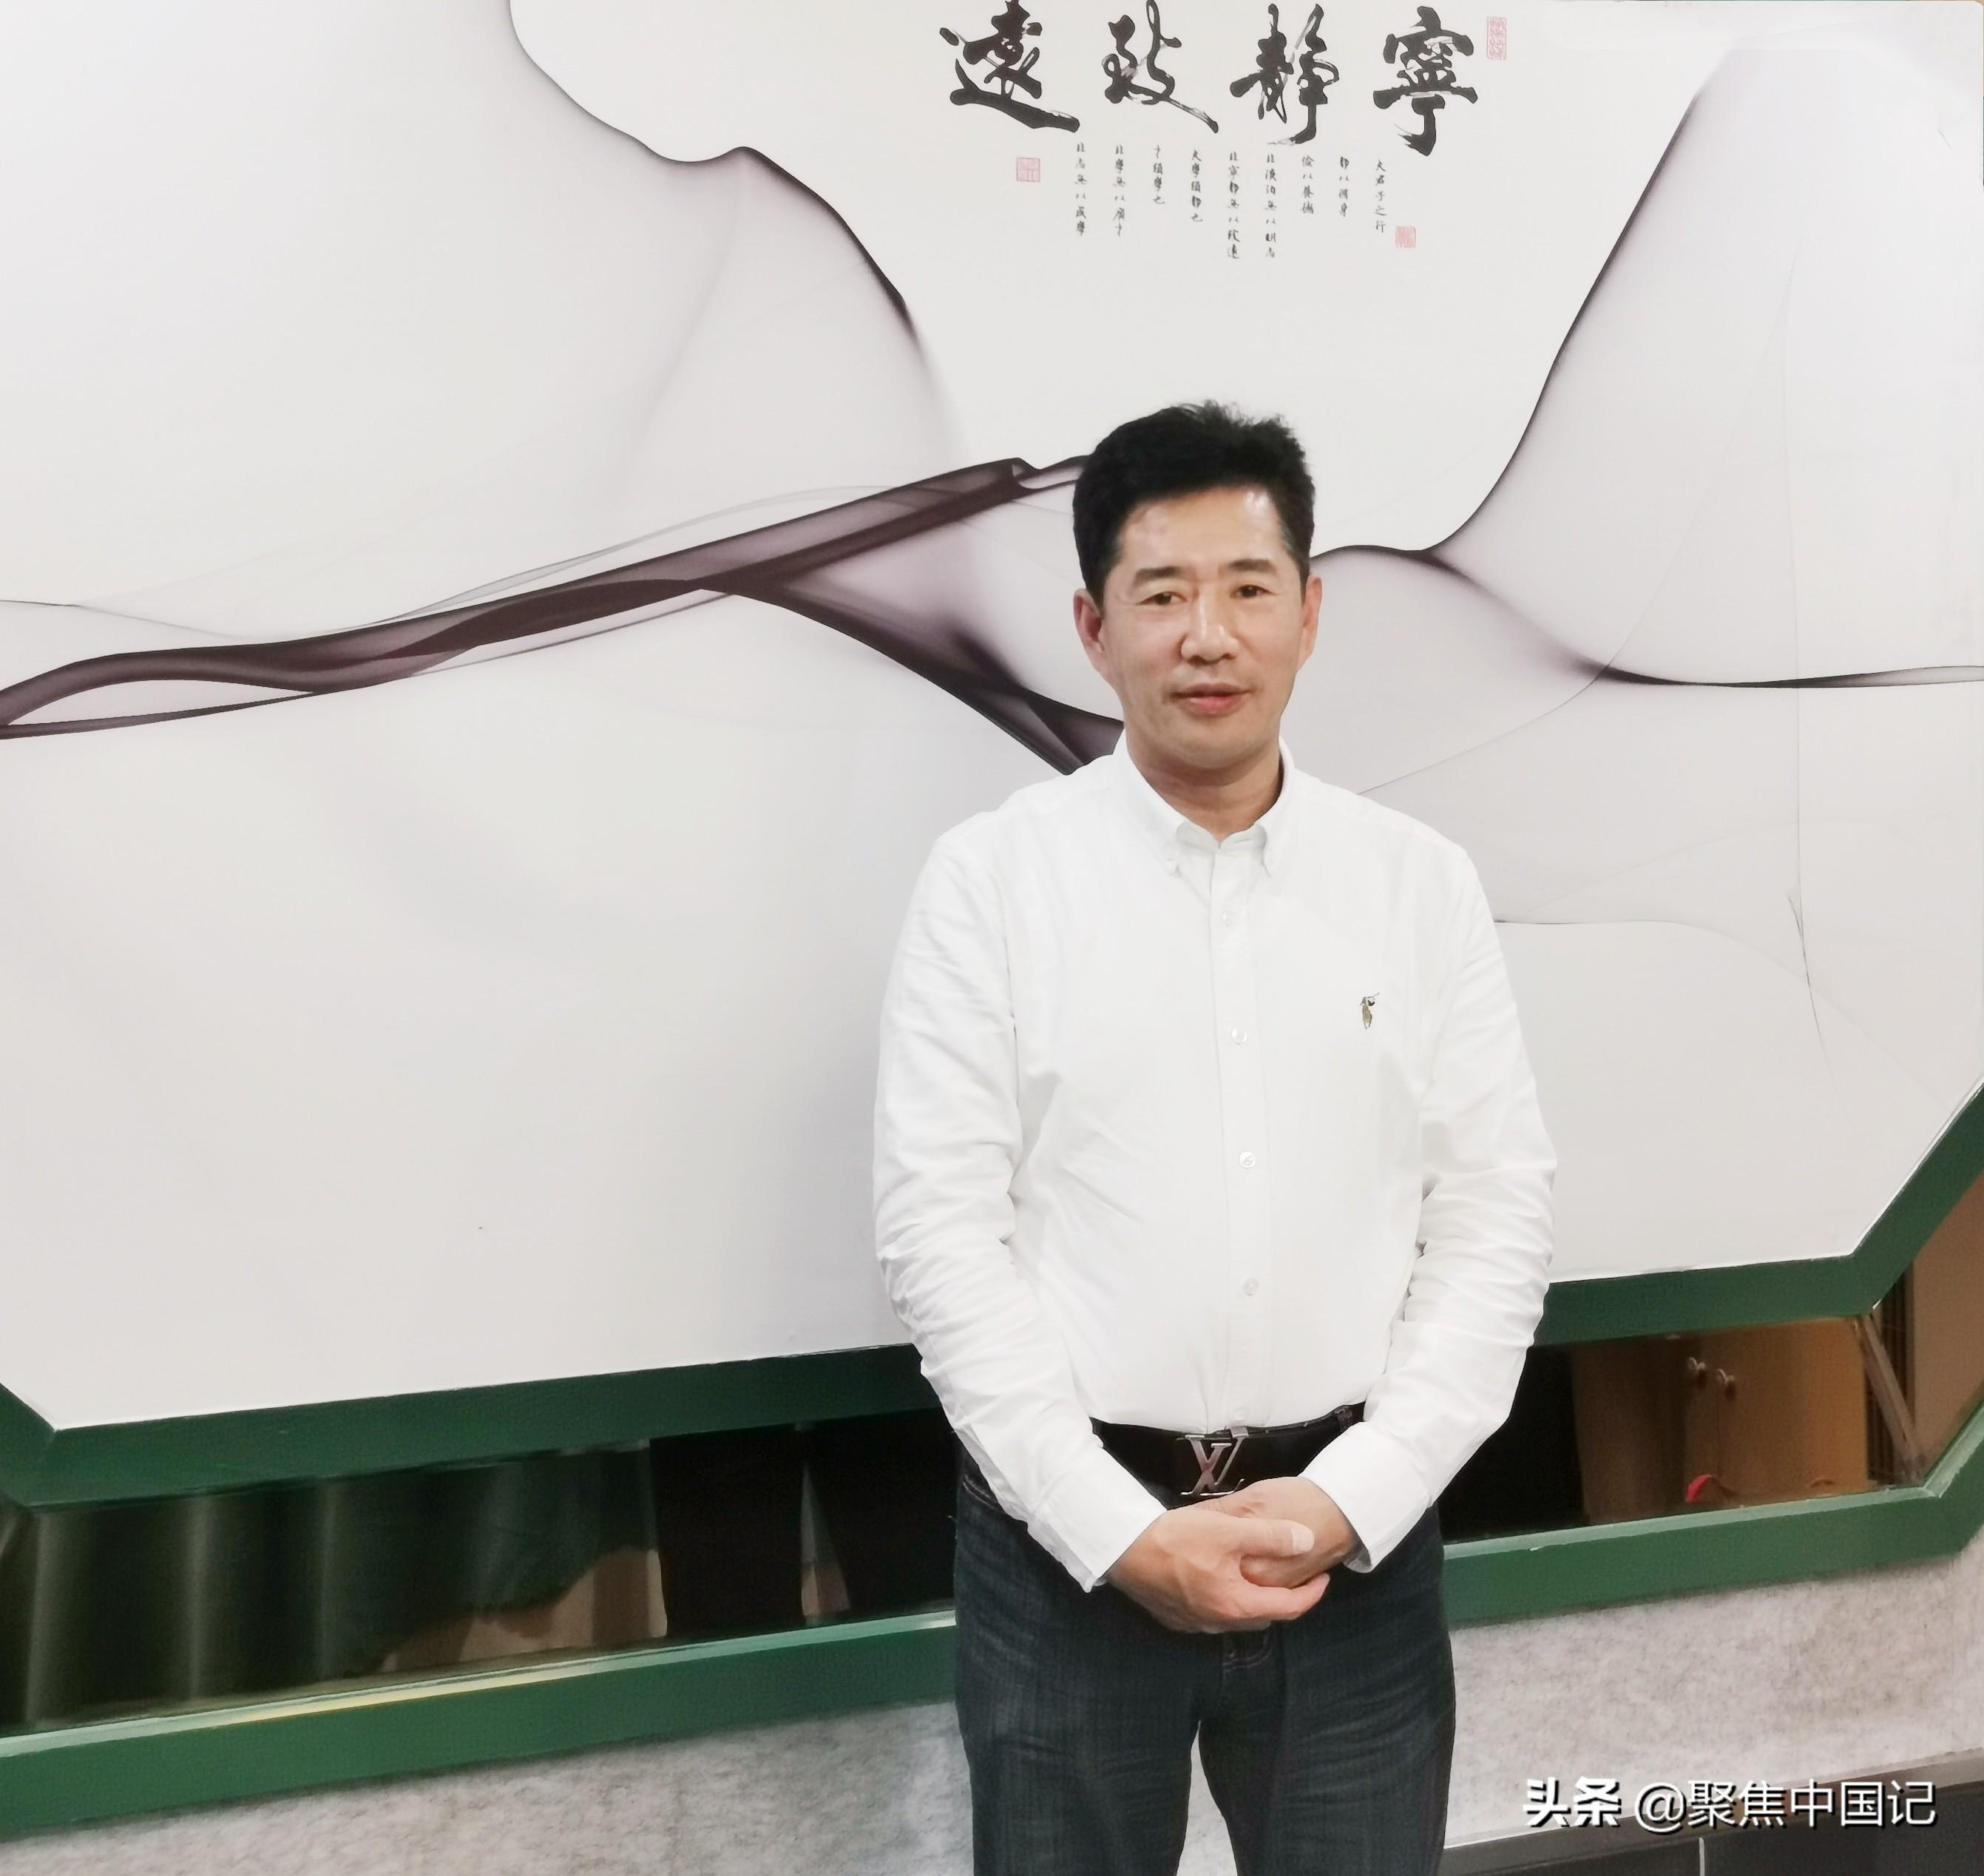 放飞梦想 三峡环保集团工会增光彩